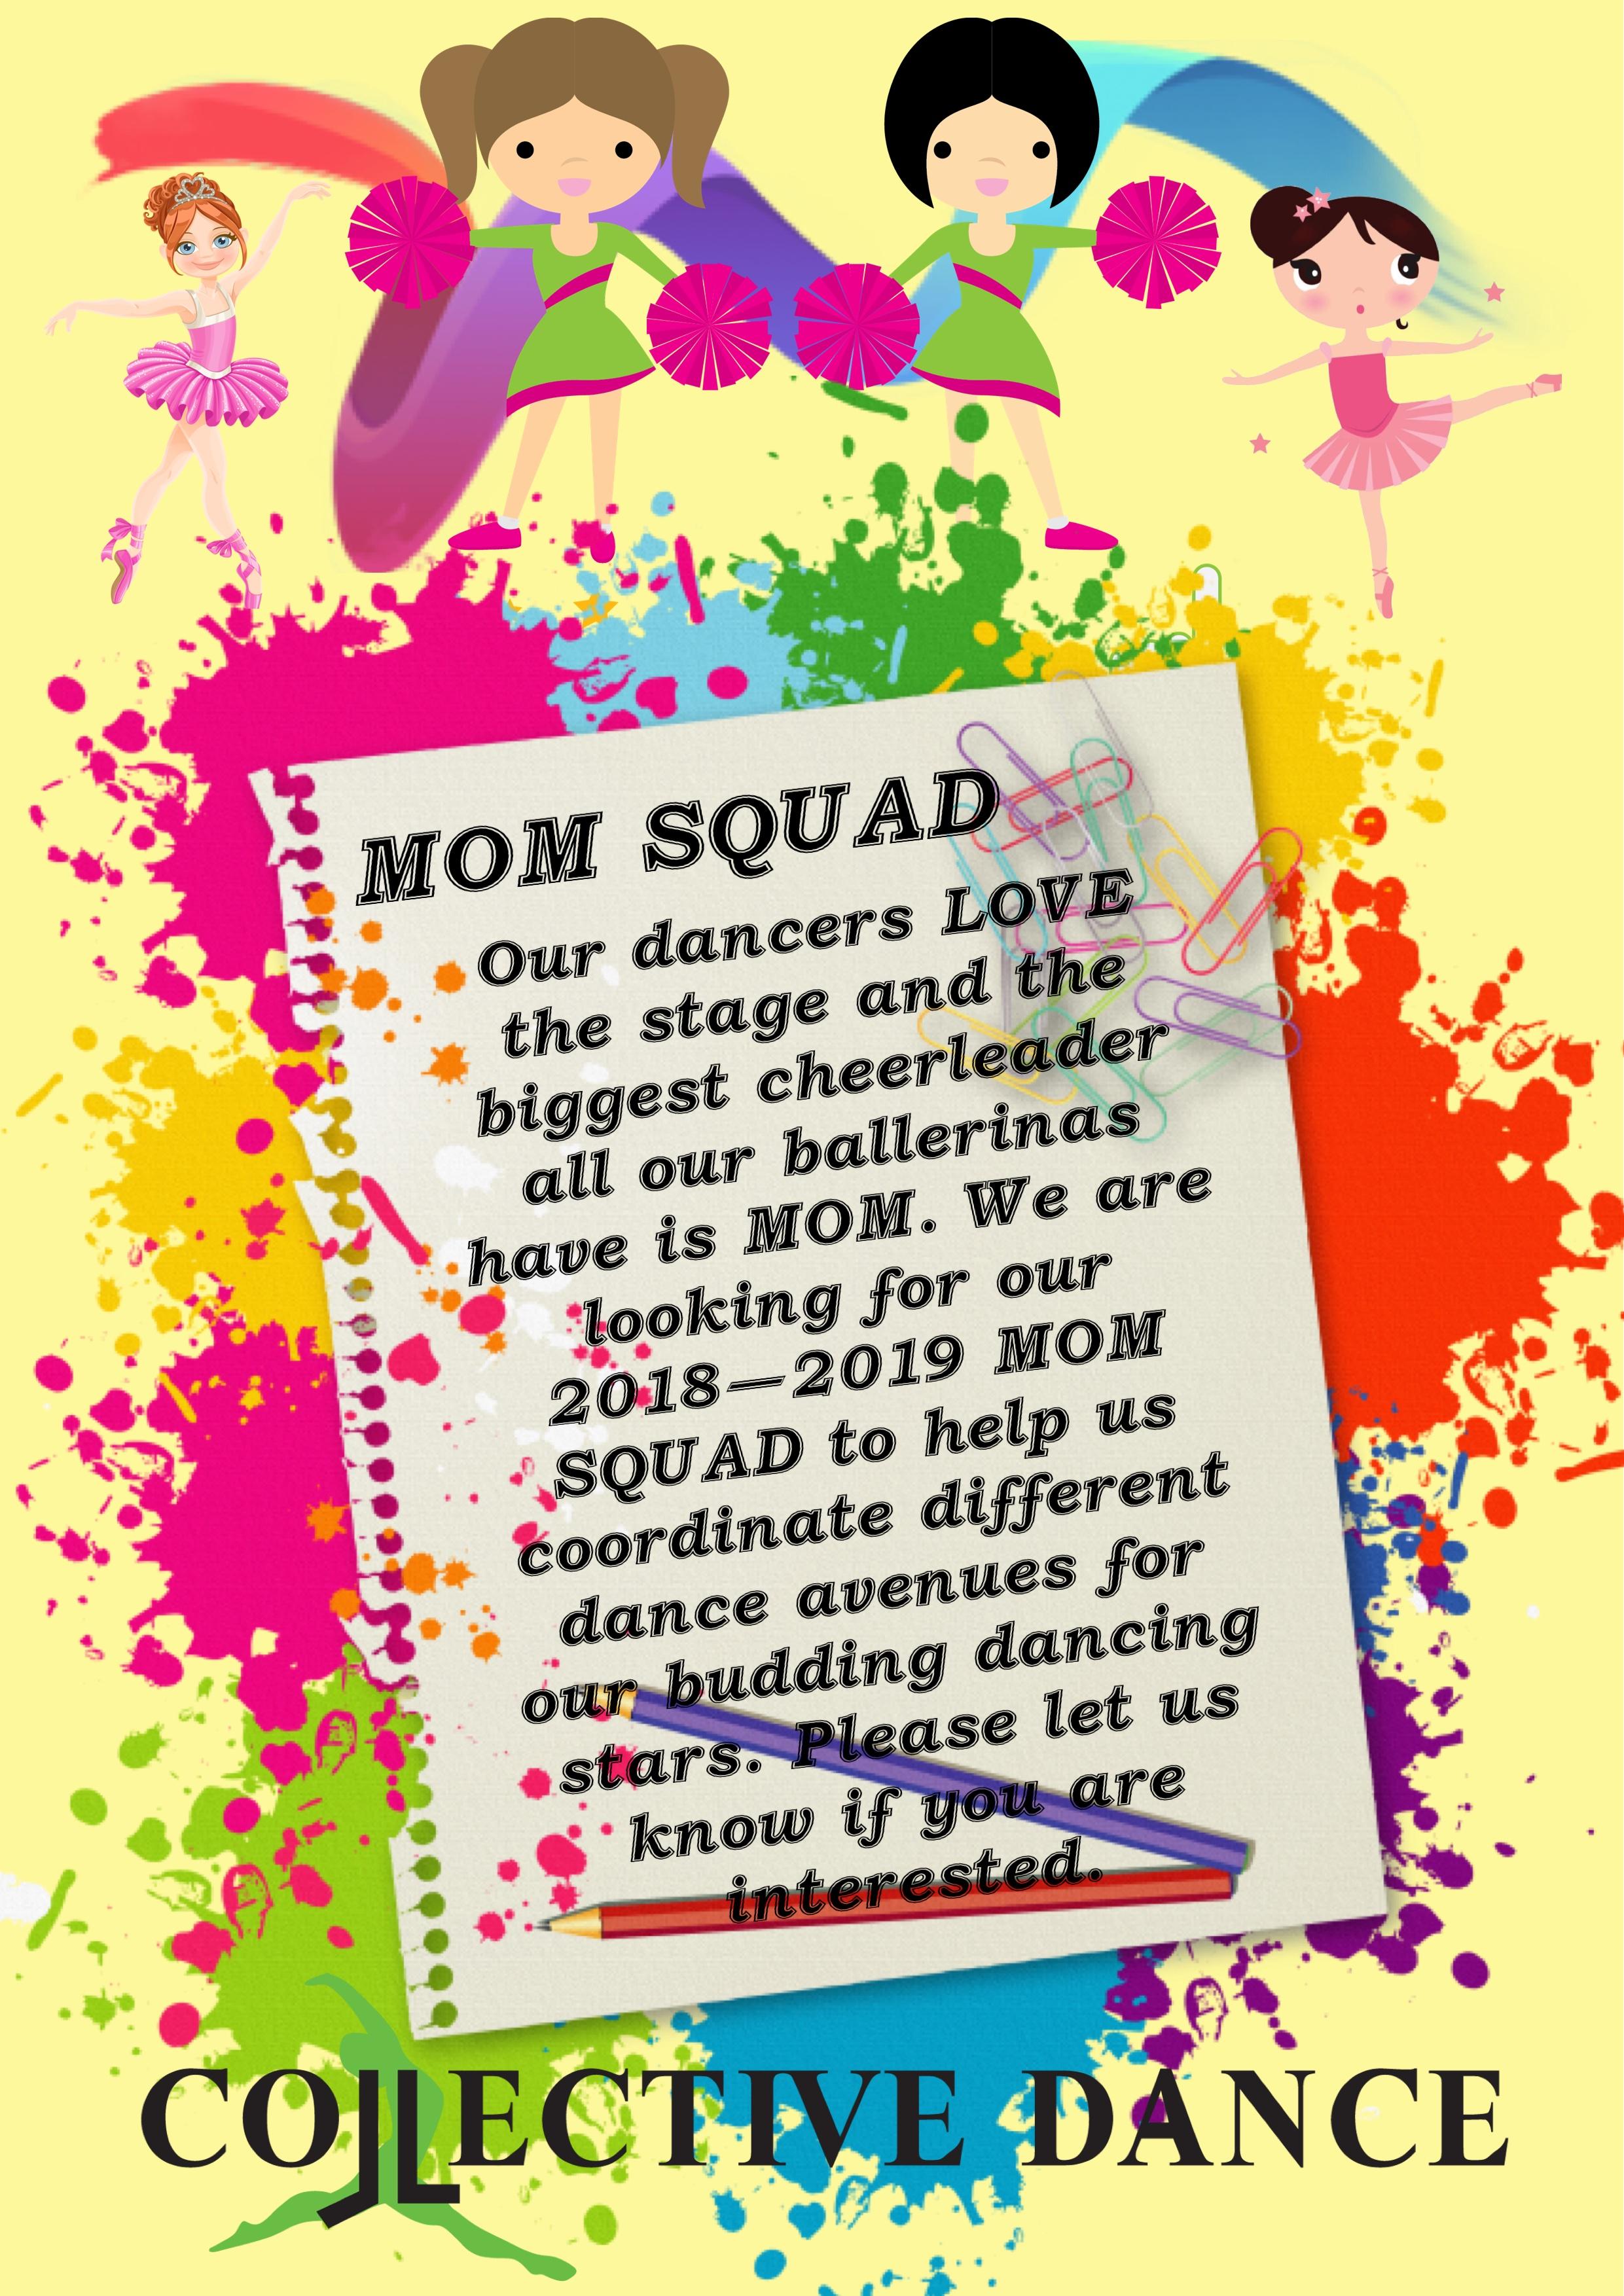 mom squad.jpg